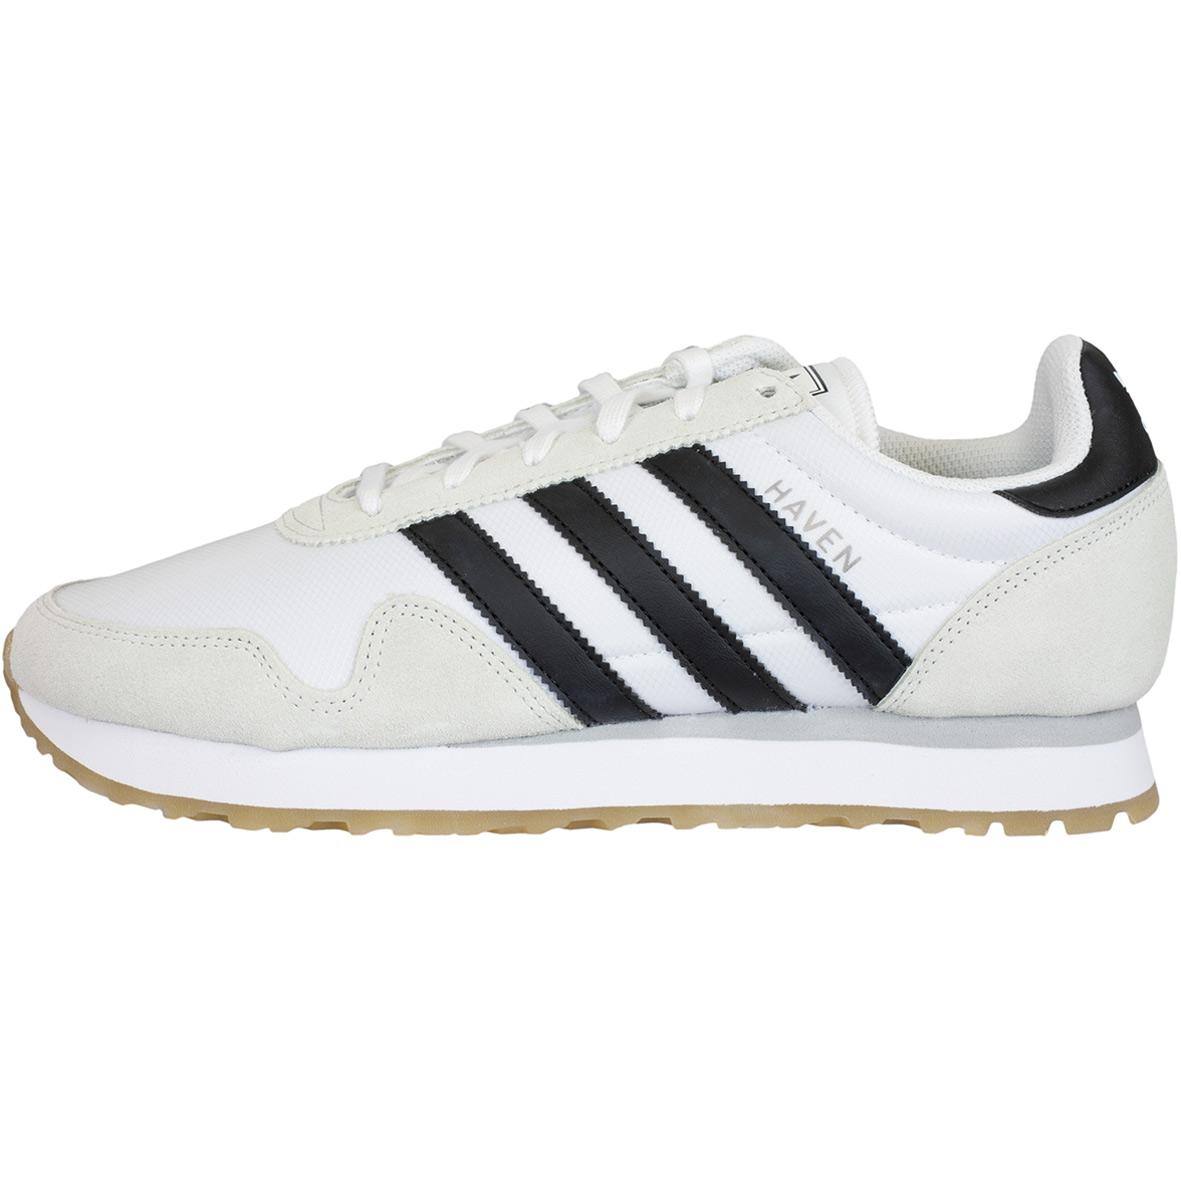 ☆ Adidas Originals Damen Sneaker Haven weiß/schwarz - hier ...